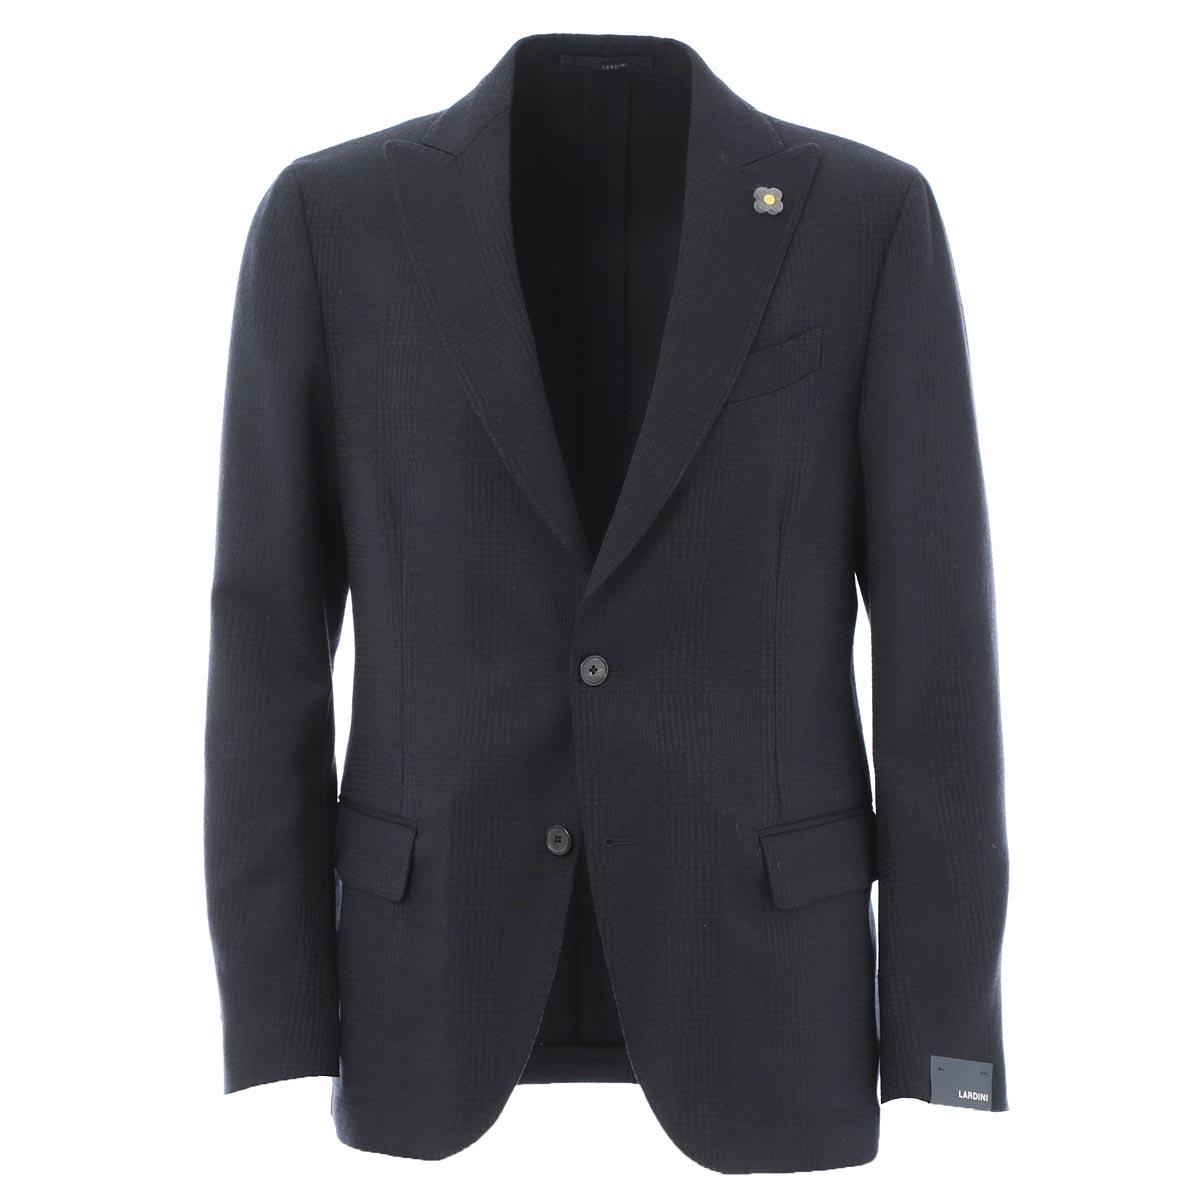 【アウトレット】ラルディーニ LARDINI 2つボタン シングルジャケット ブルー メンズ テーラード ジャケット カジュアル il953ae ila53433 1 EASY【_関東】【返品送料無料】【ラッピング無料】